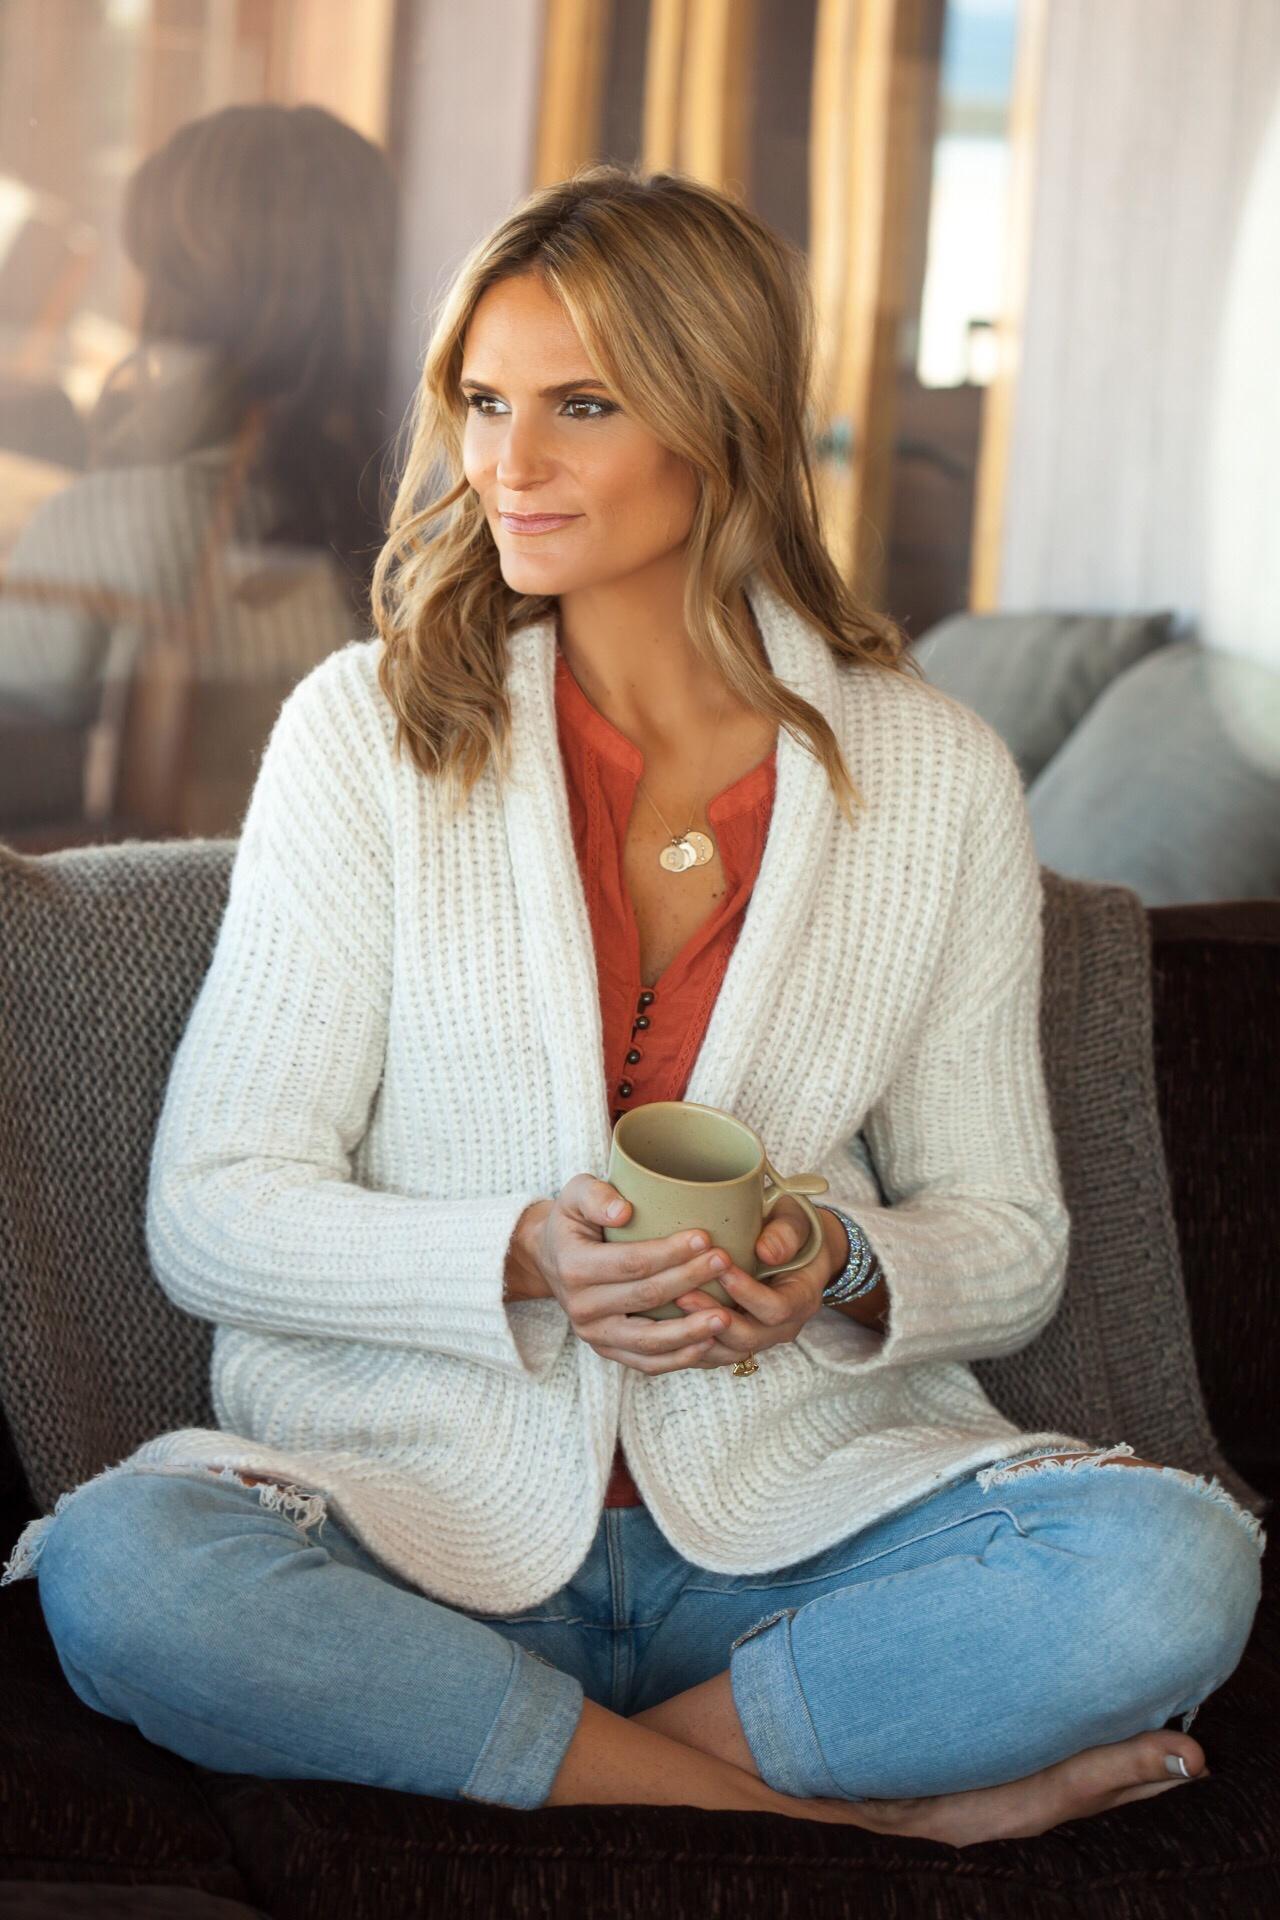 sugar free 3 expert - sitting drinking tea